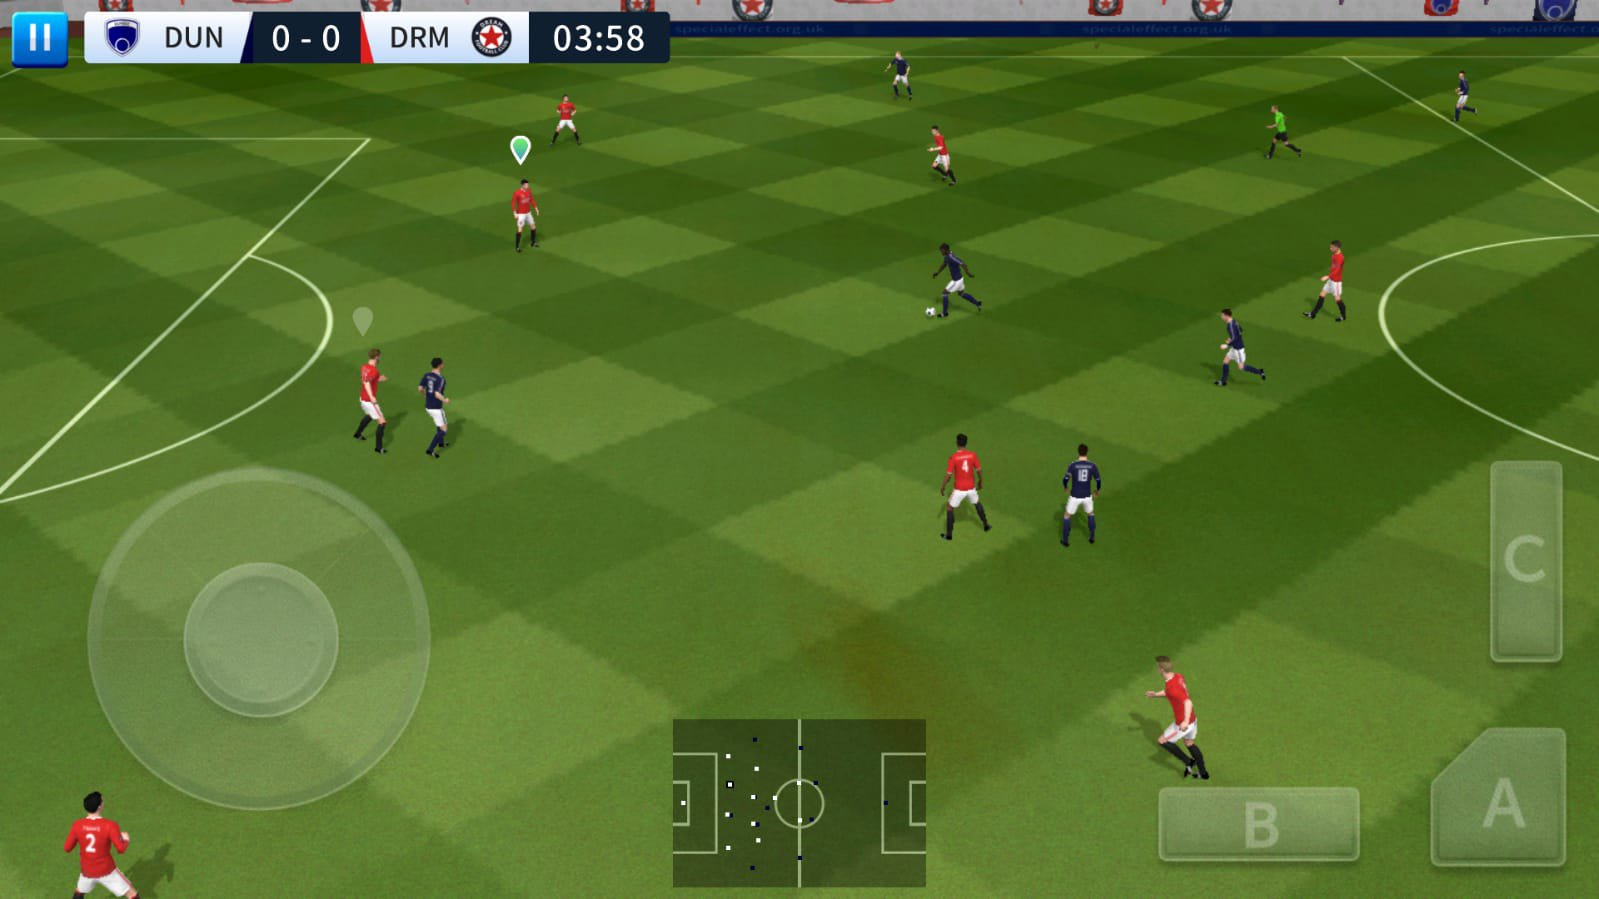 تحميل لعبة dream league soccer مهكرة